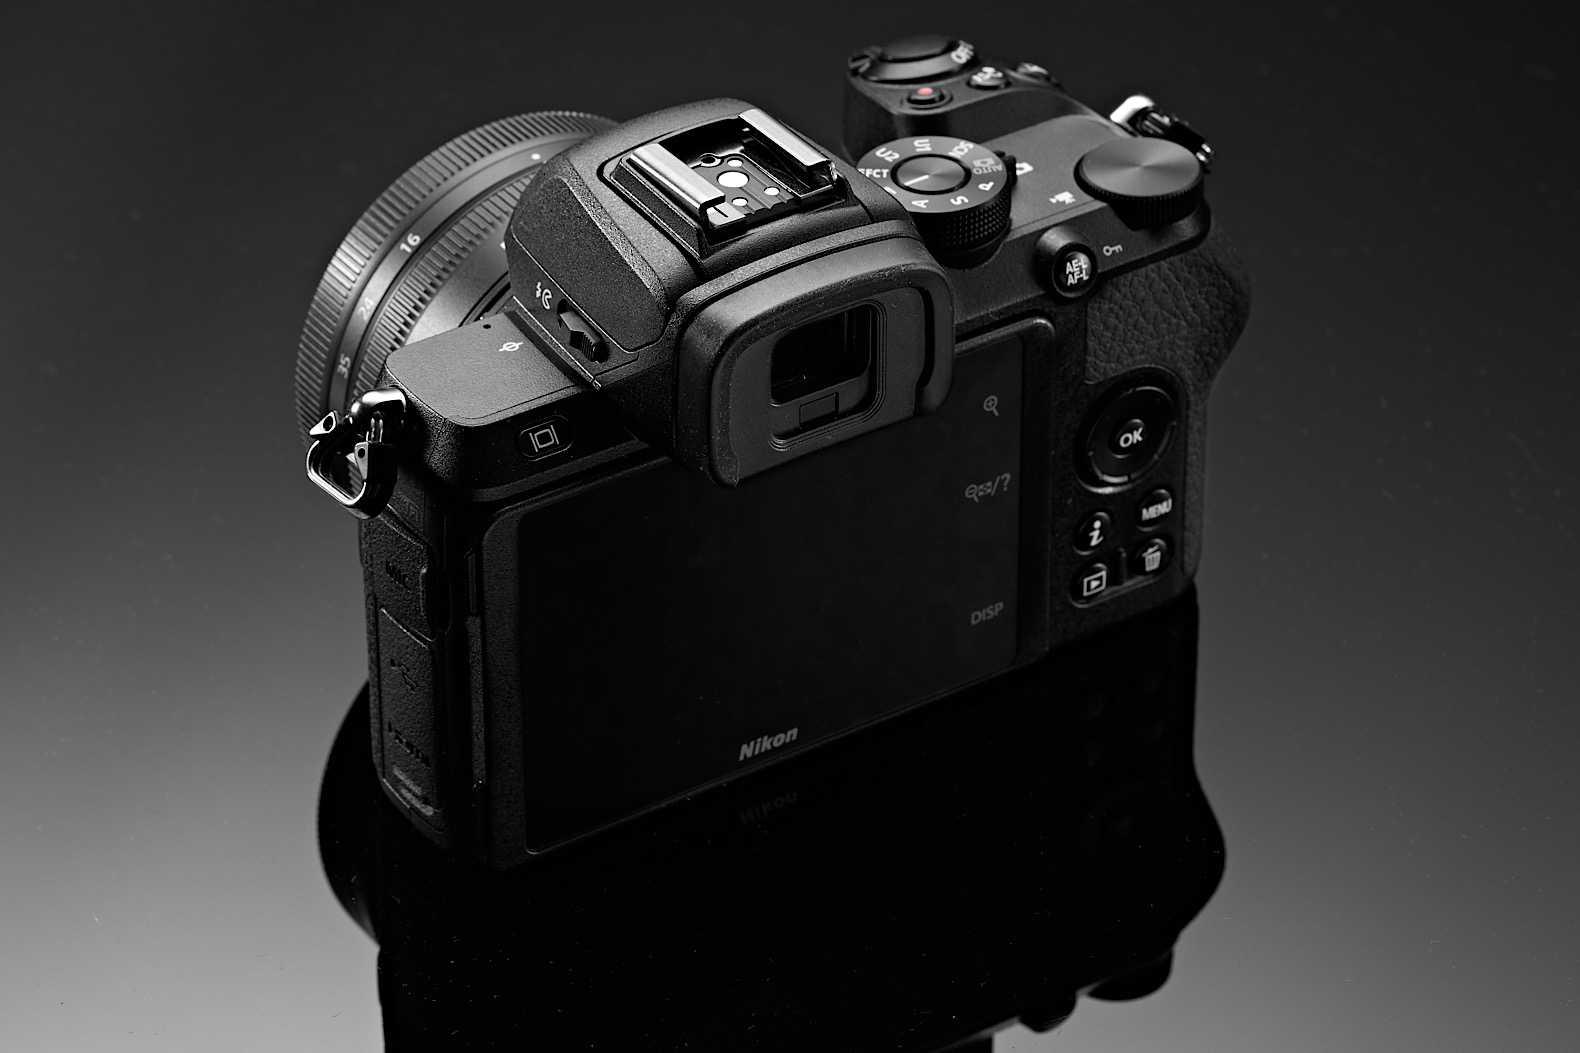 средств готовый фотоаппараты без кропа этом разделе собираем